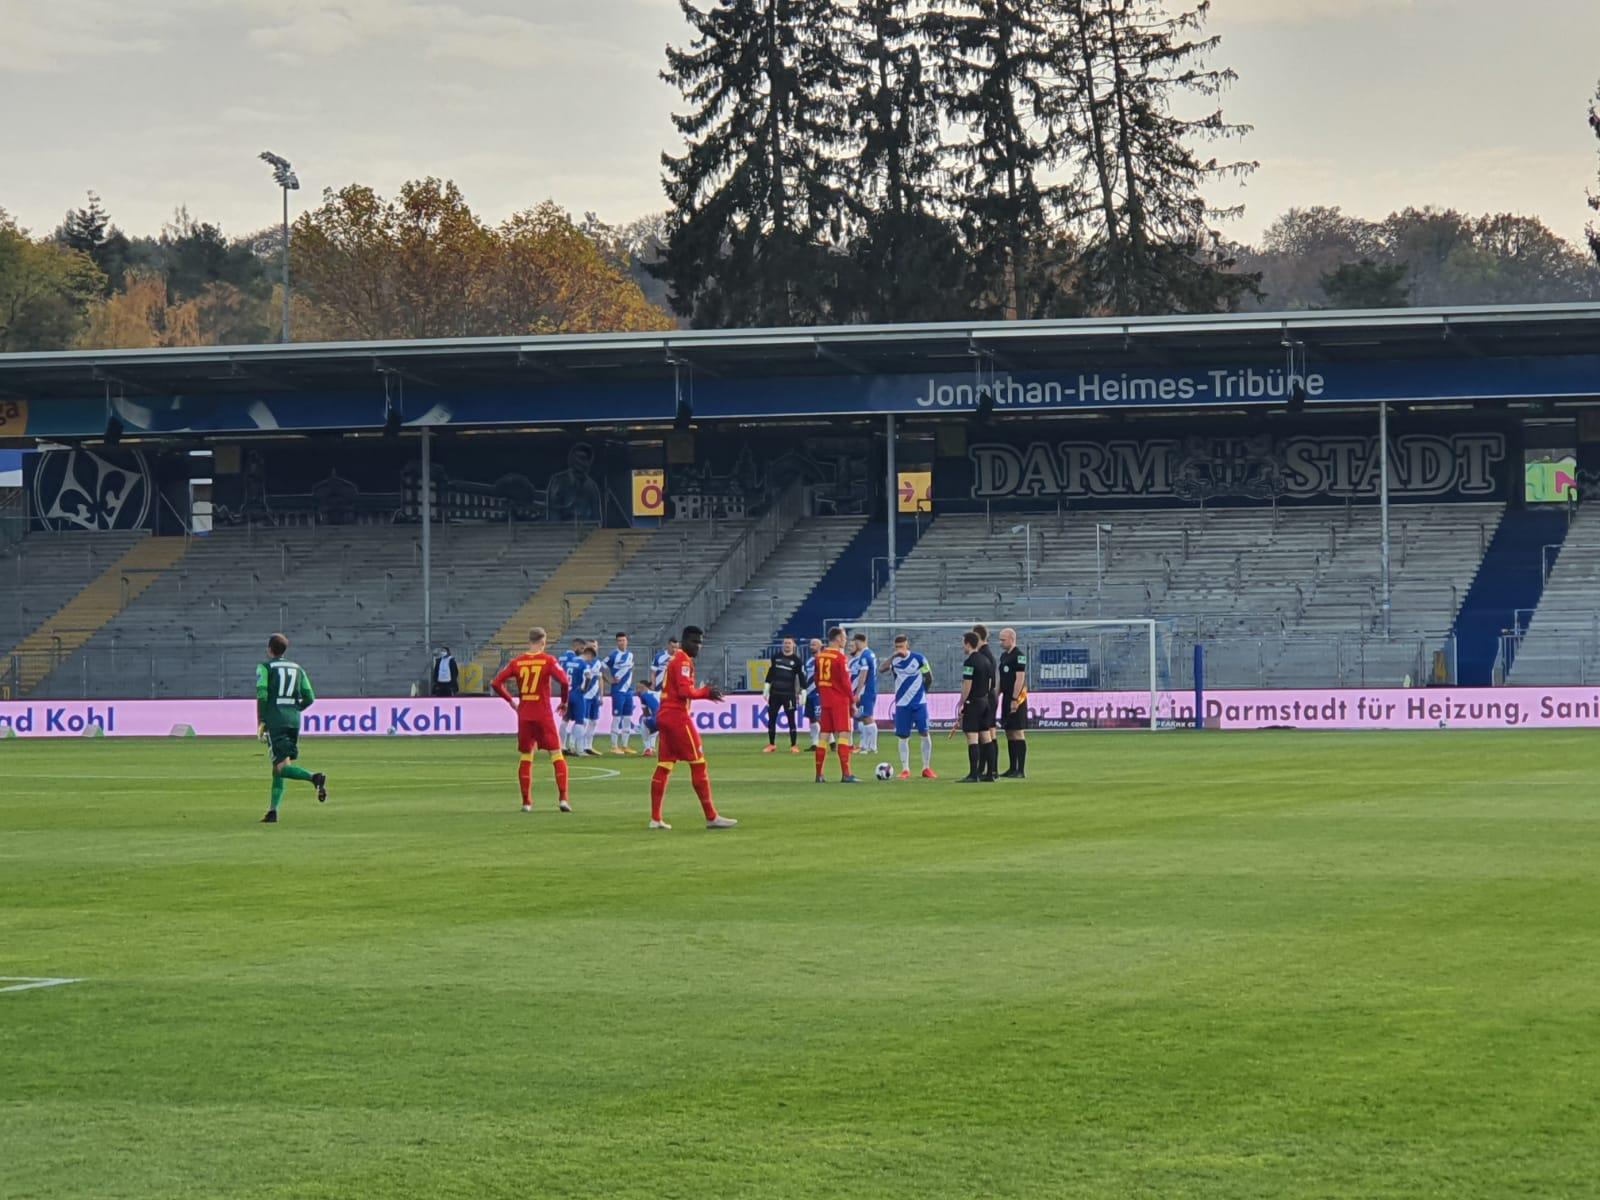 Drei Thesen zum Spiel gegen Paderborn